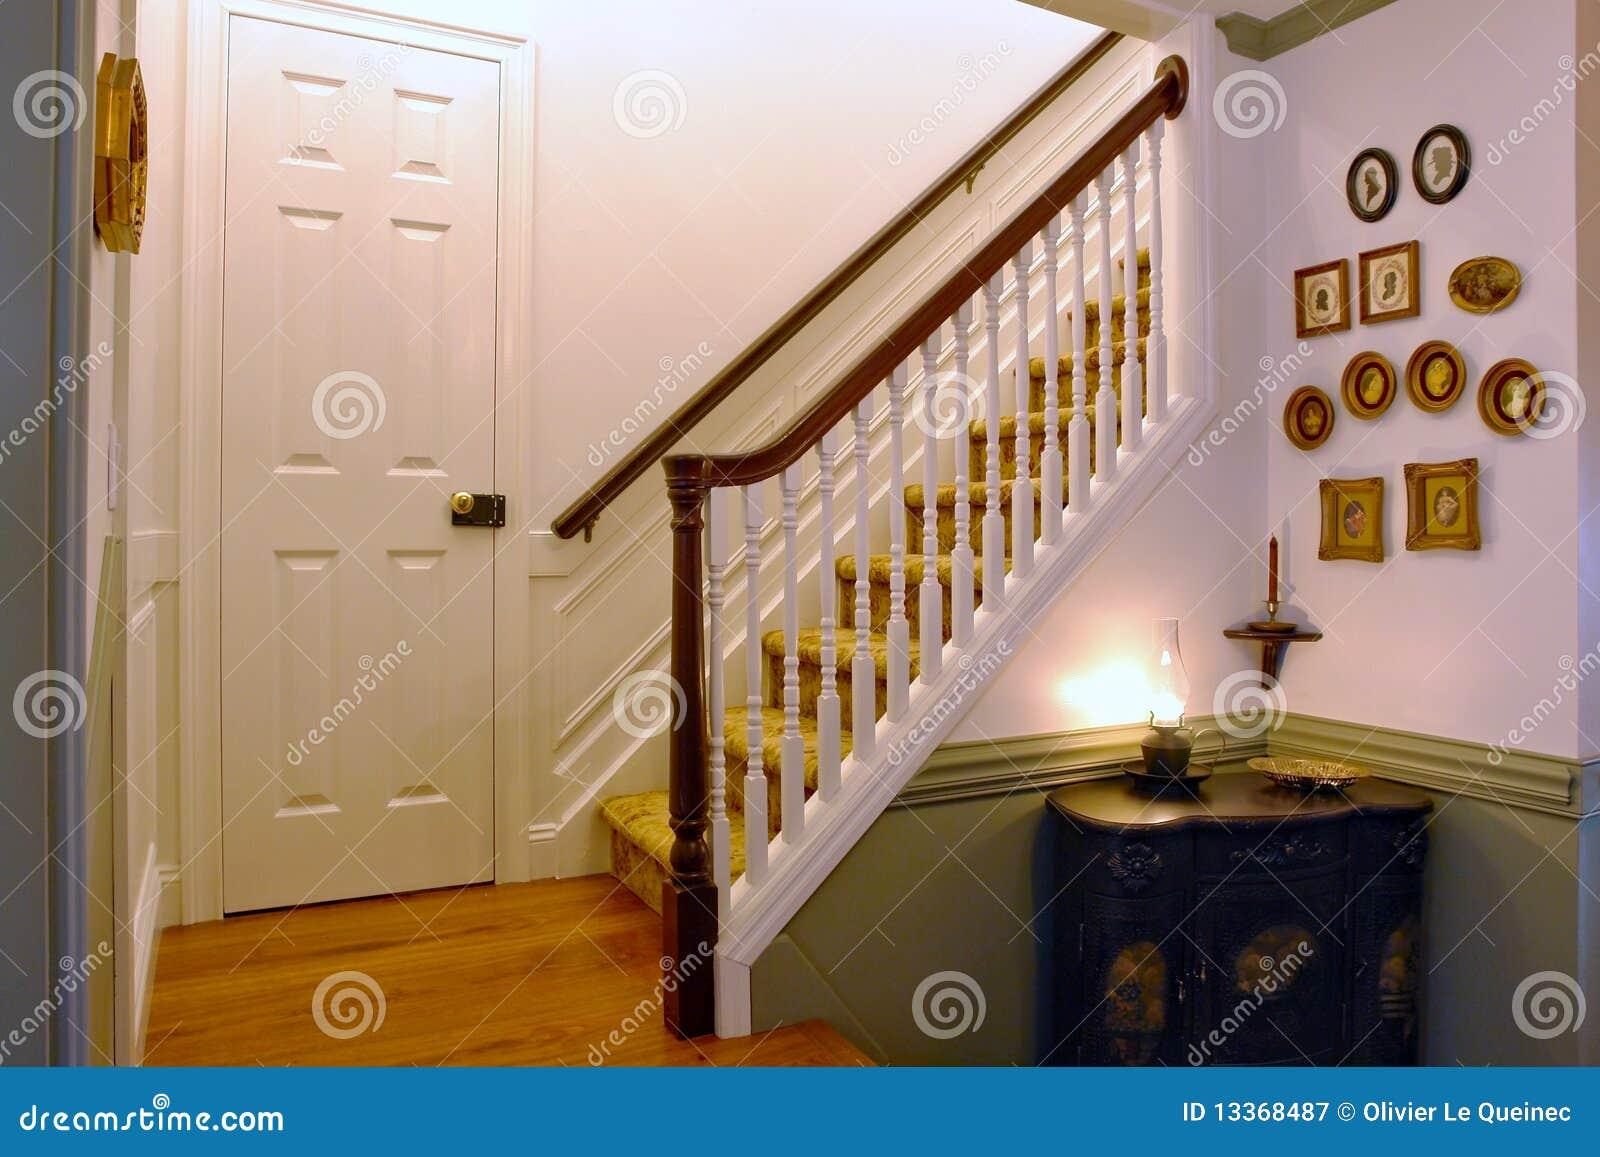 Interiore americano coloniale della camera di stile for Casa coloniale americana